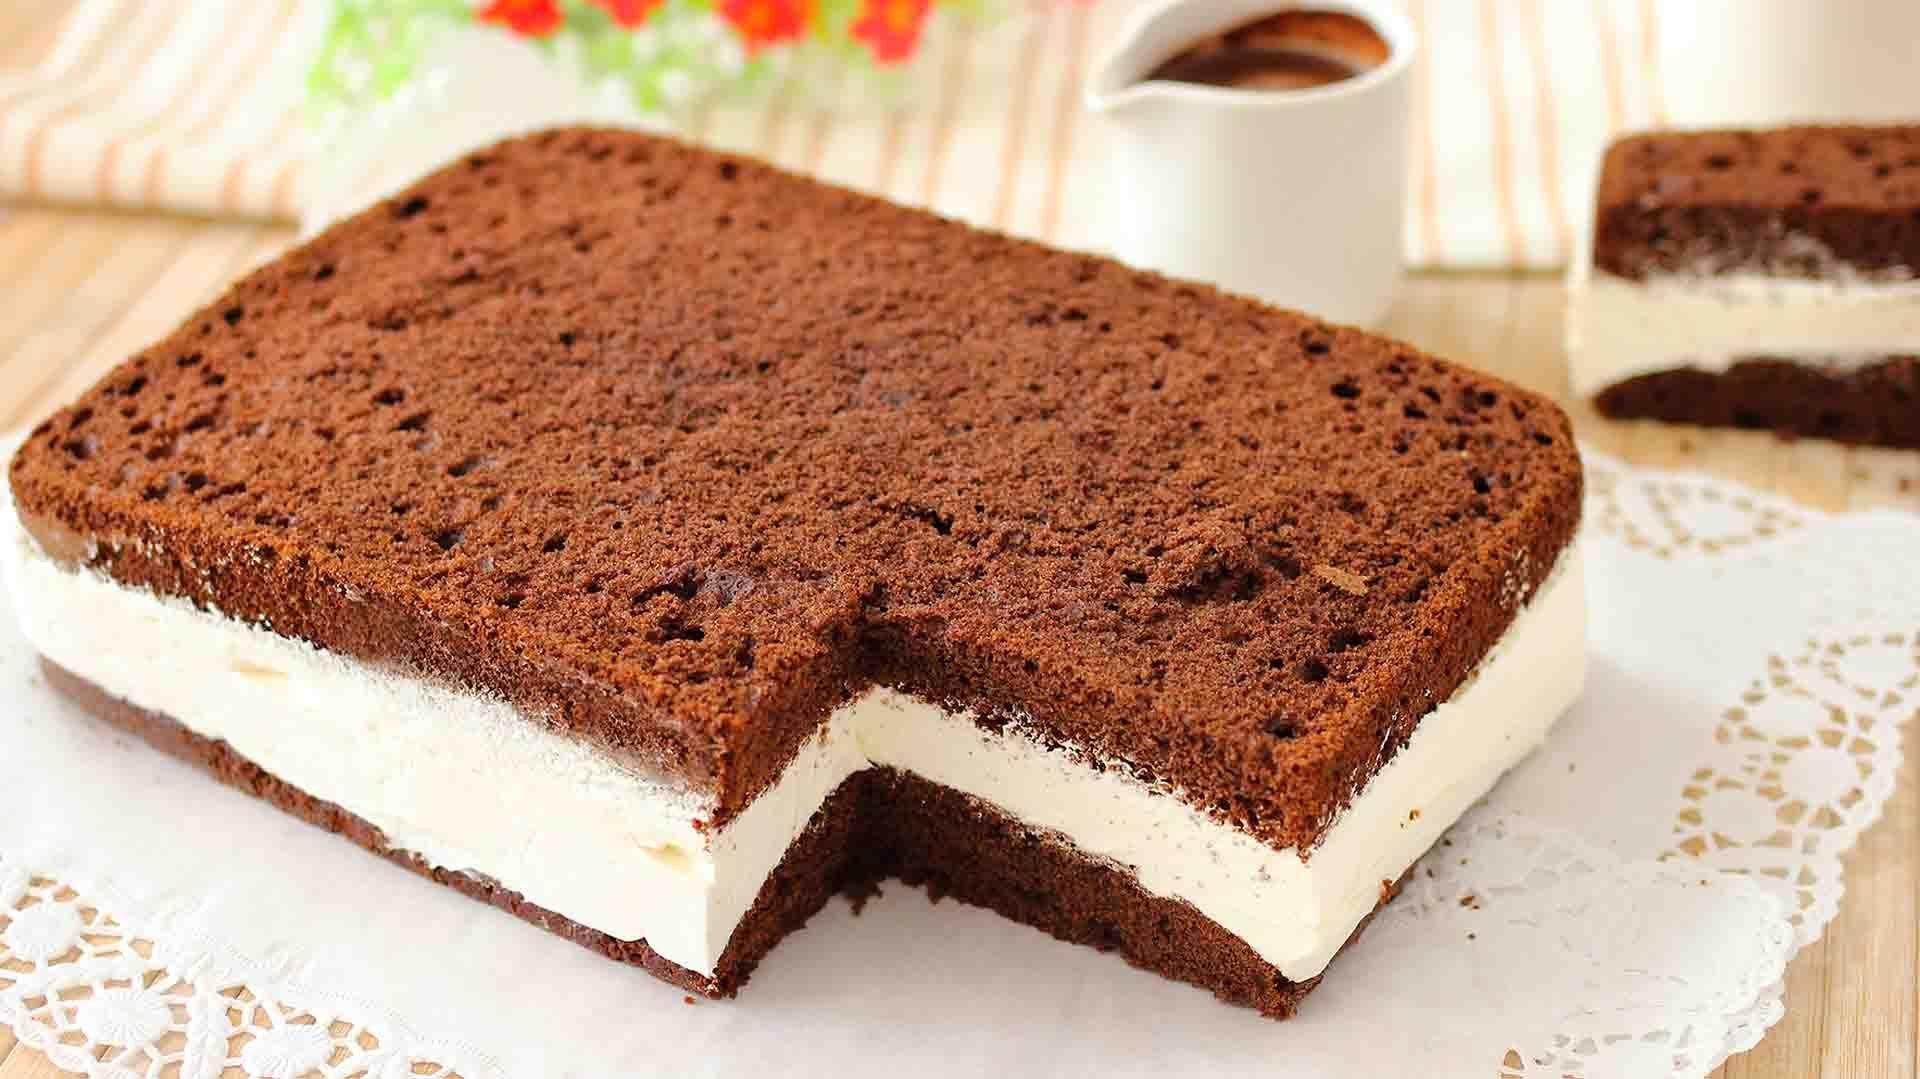 Ricetta Per Kinder Fetta Al Latte Bimby.Torta Kinder Fetta Al Latte Ricetta Facile E Golosa Con Il Bimby Food Blog